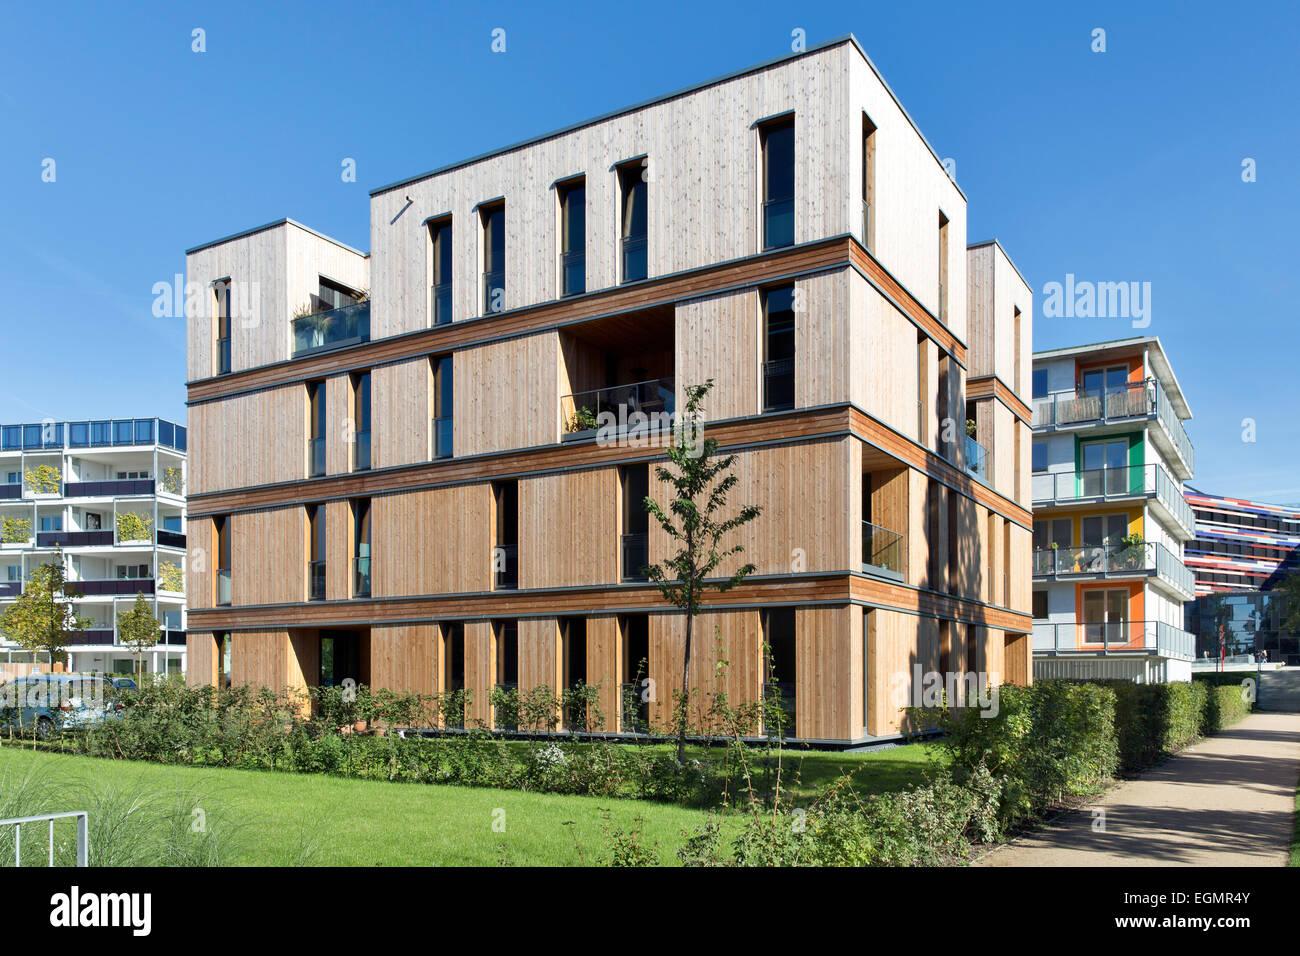 Étude de cas une maison d'habitation à Hambourg, CSH, le Salon International de la construction, Hambourg, Photo Stock